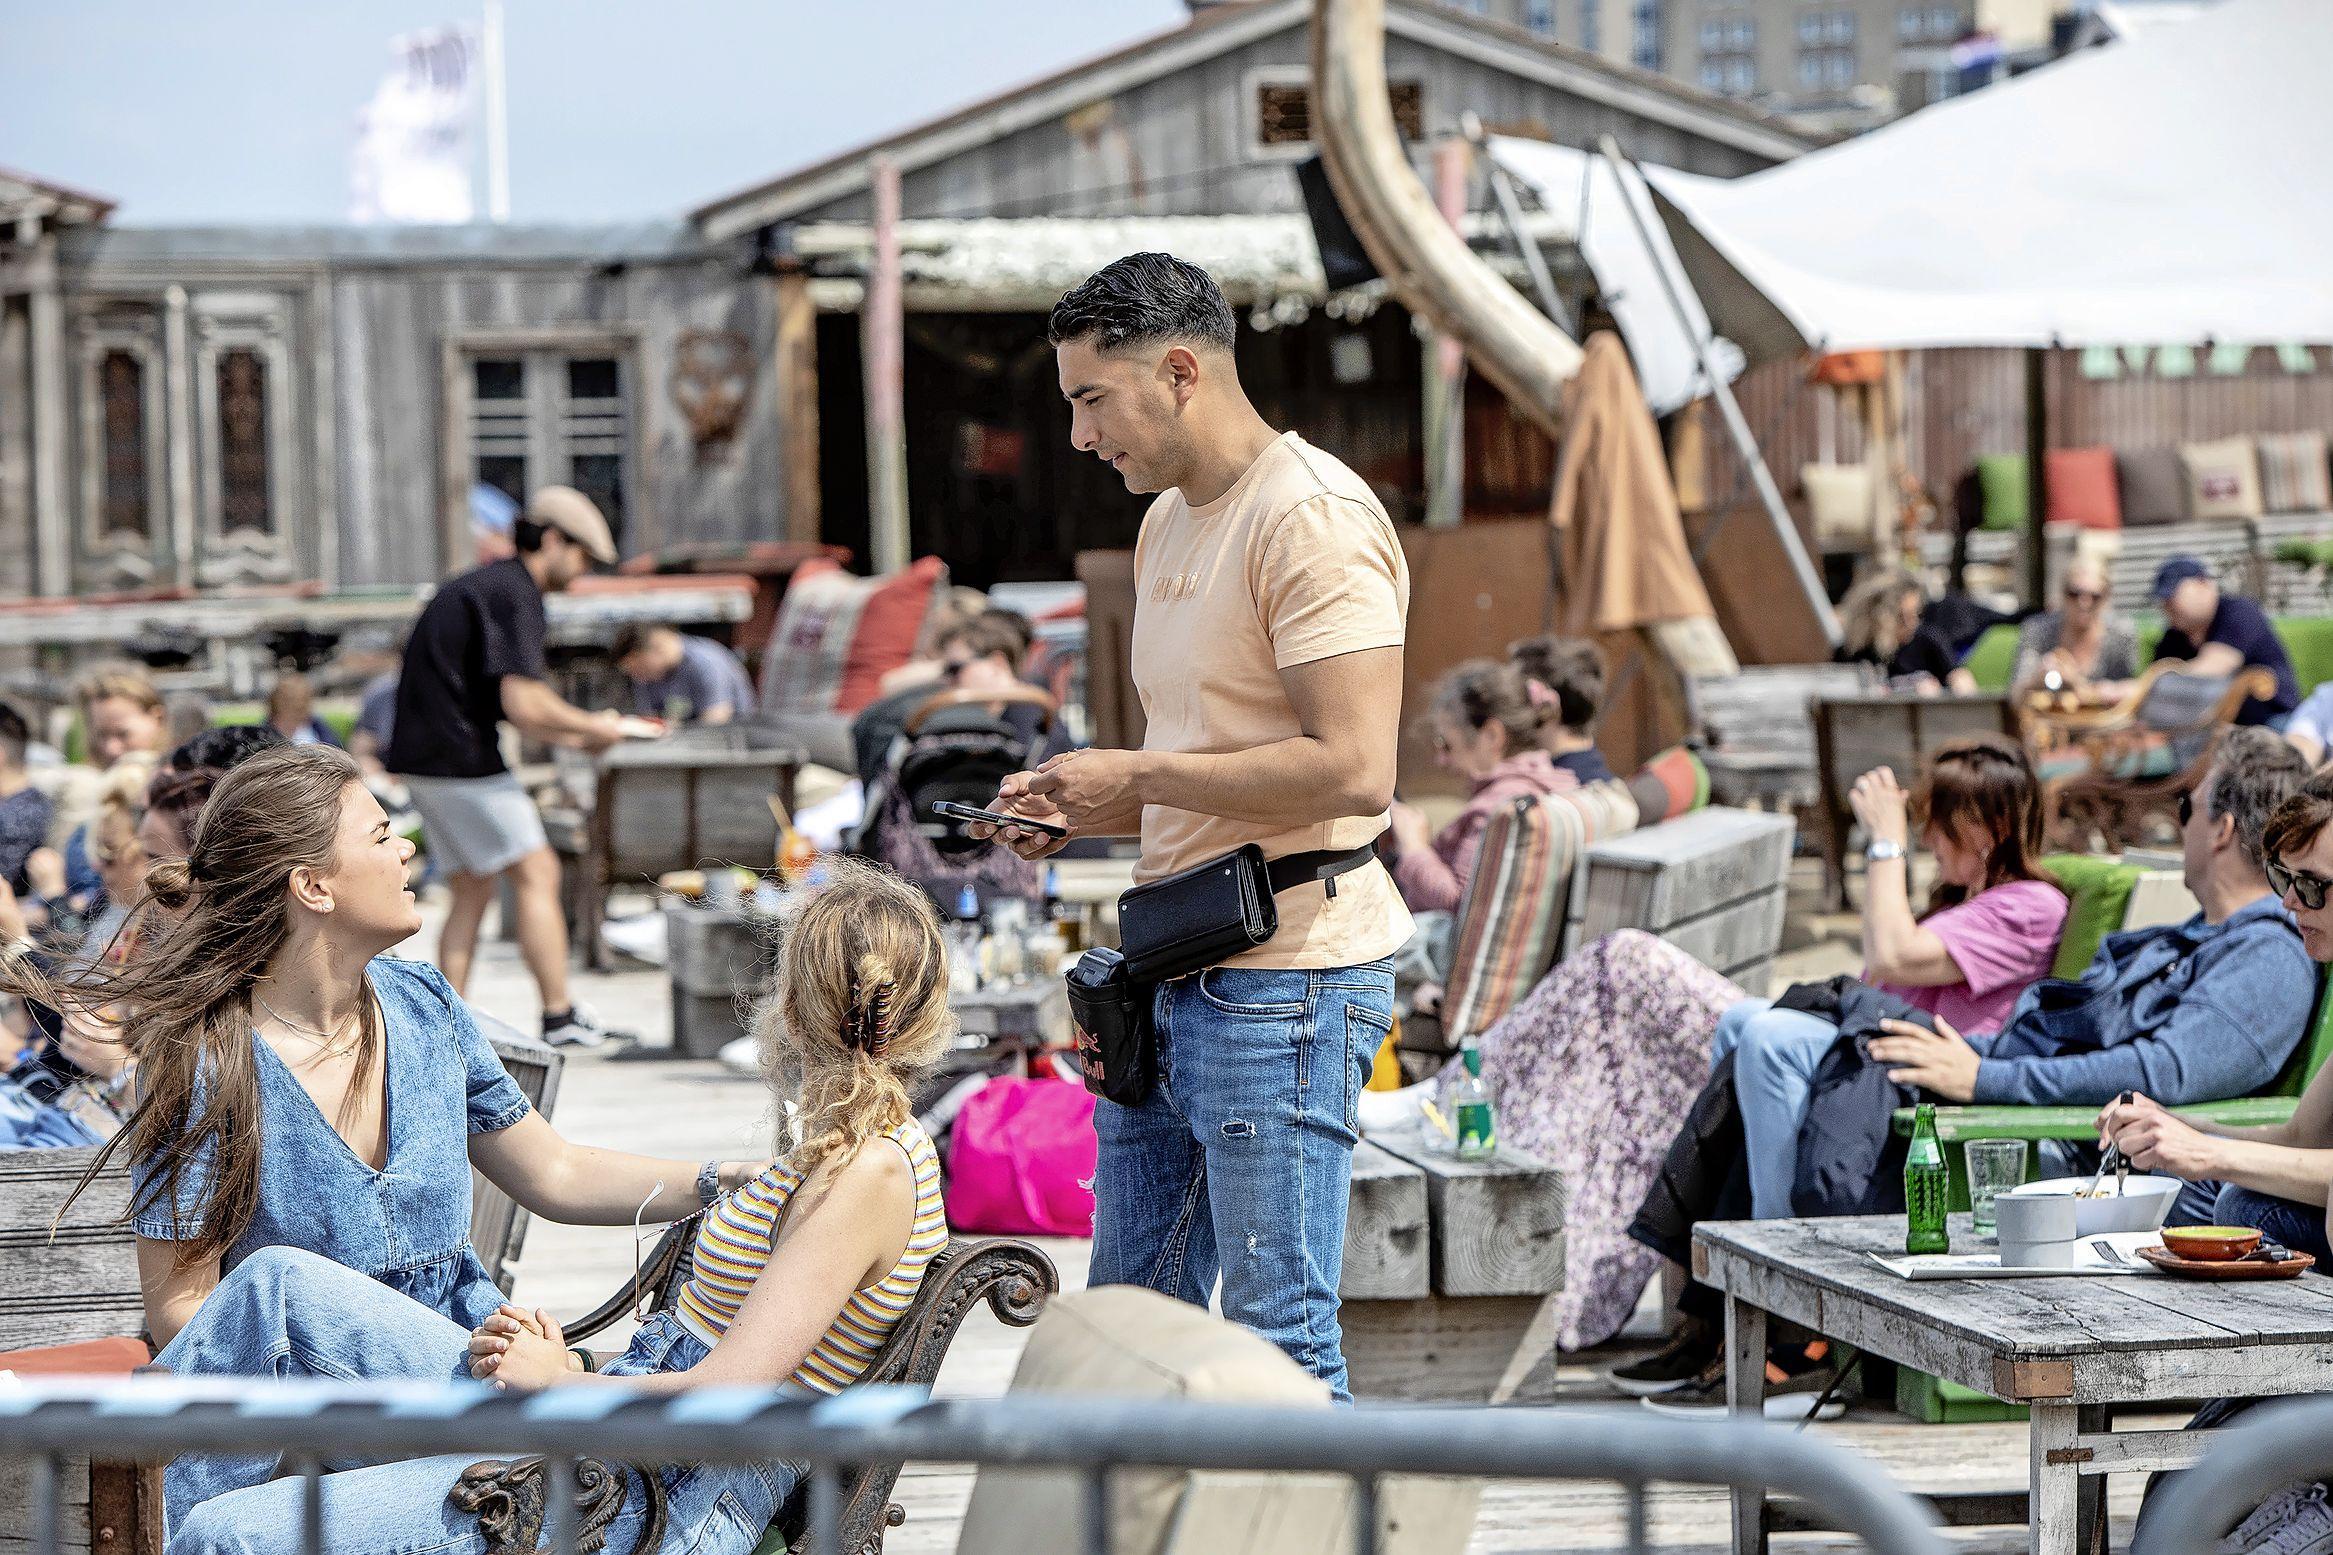 Zandvoortse wethouder Verheij deelt zorgen over strand. 'Kustveiligheid is belangrijk, maar toerisme en recreatie zijn dat ook'